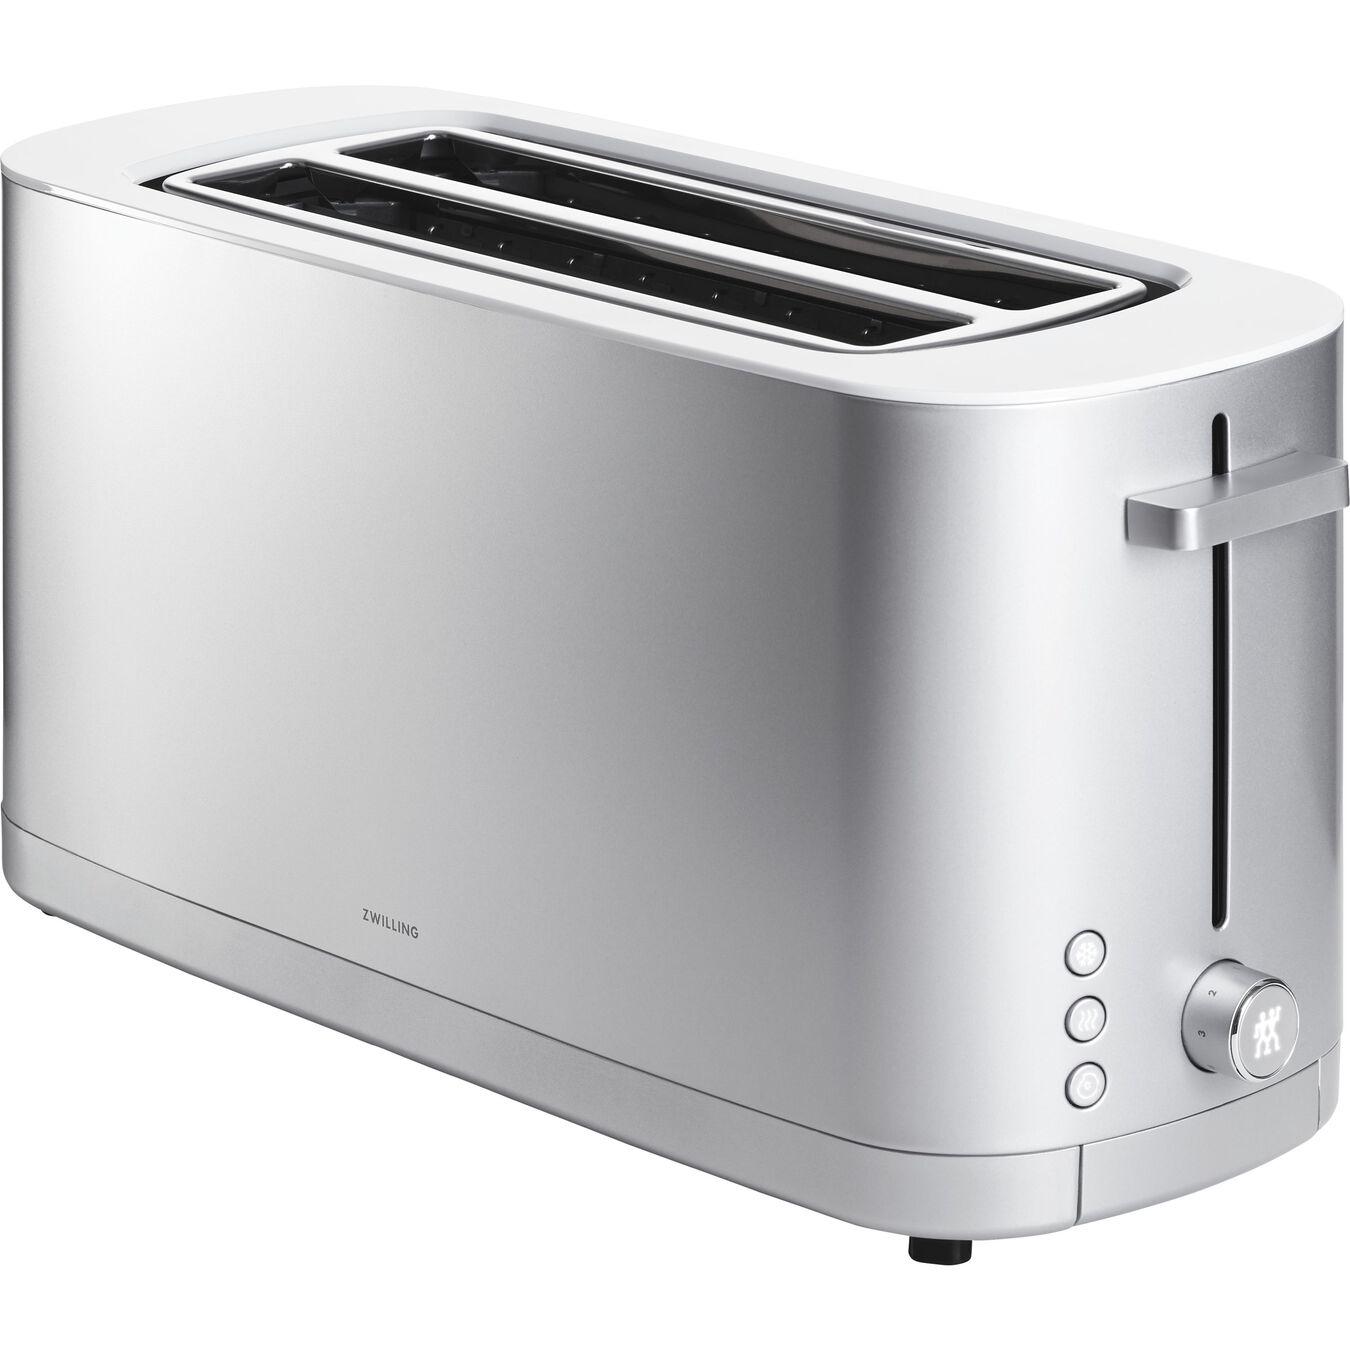 2 Long Slot Toaster,,large 1